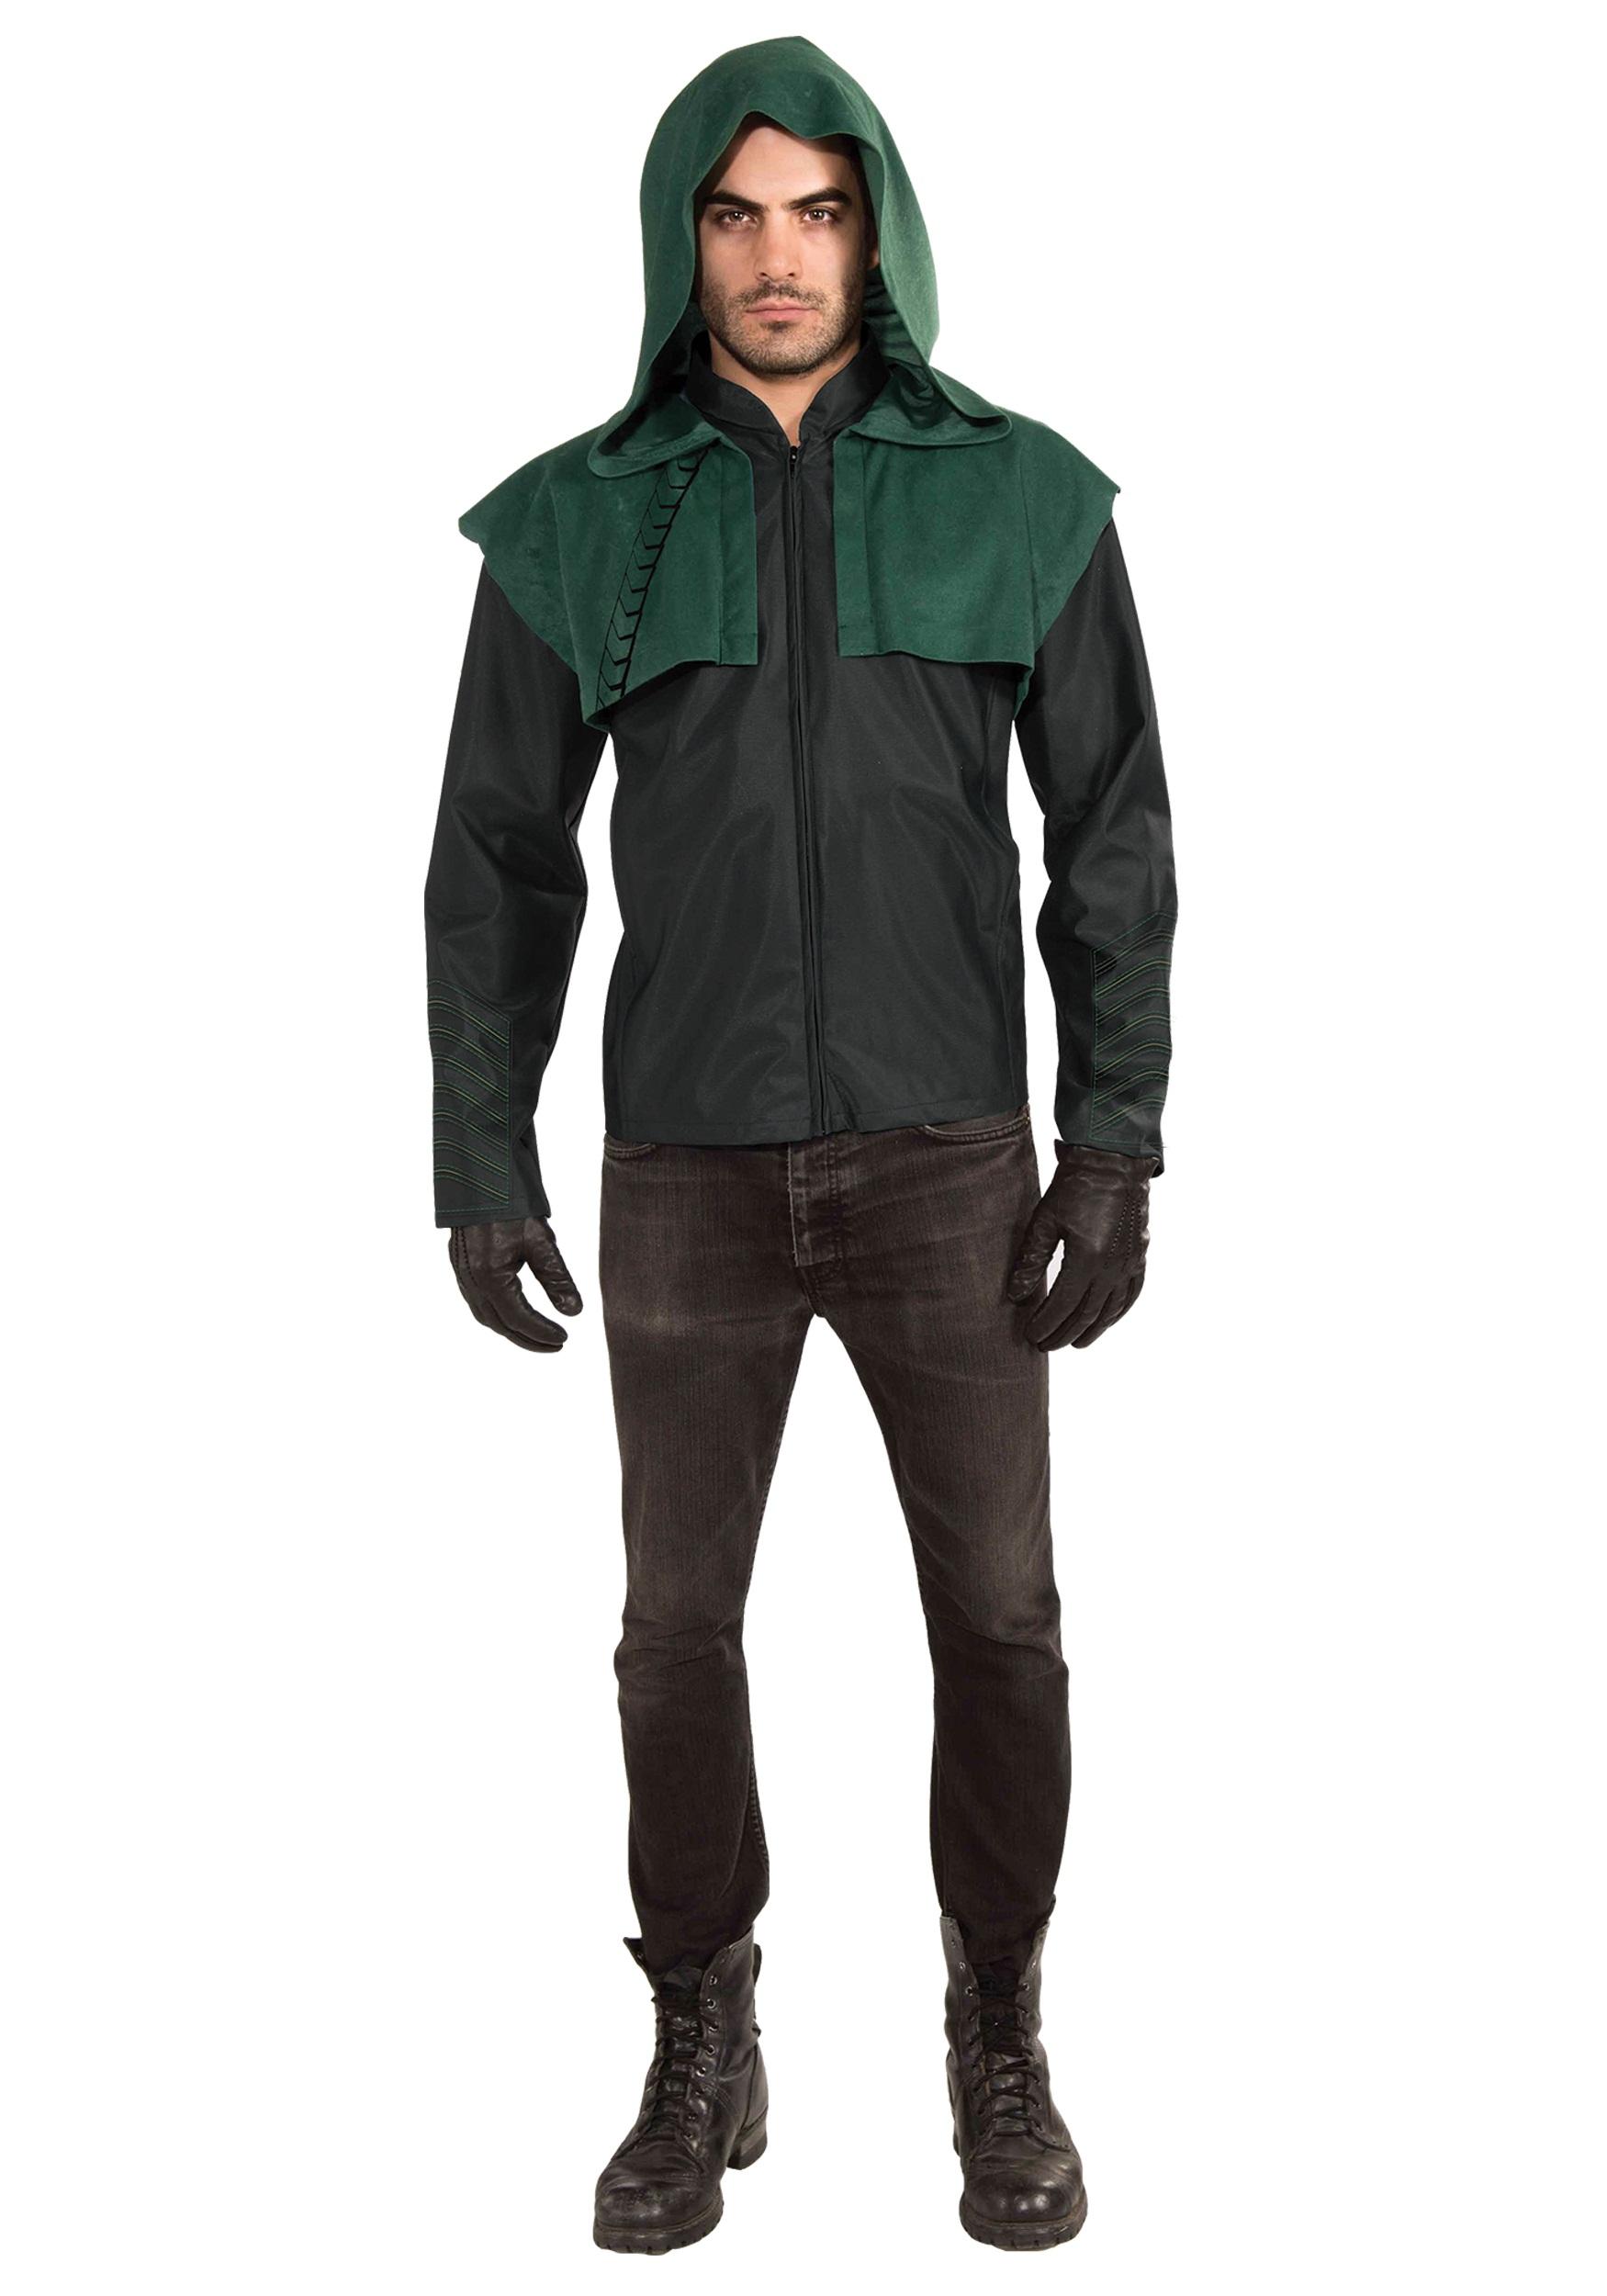 Deluxe Arrow Costume for Men